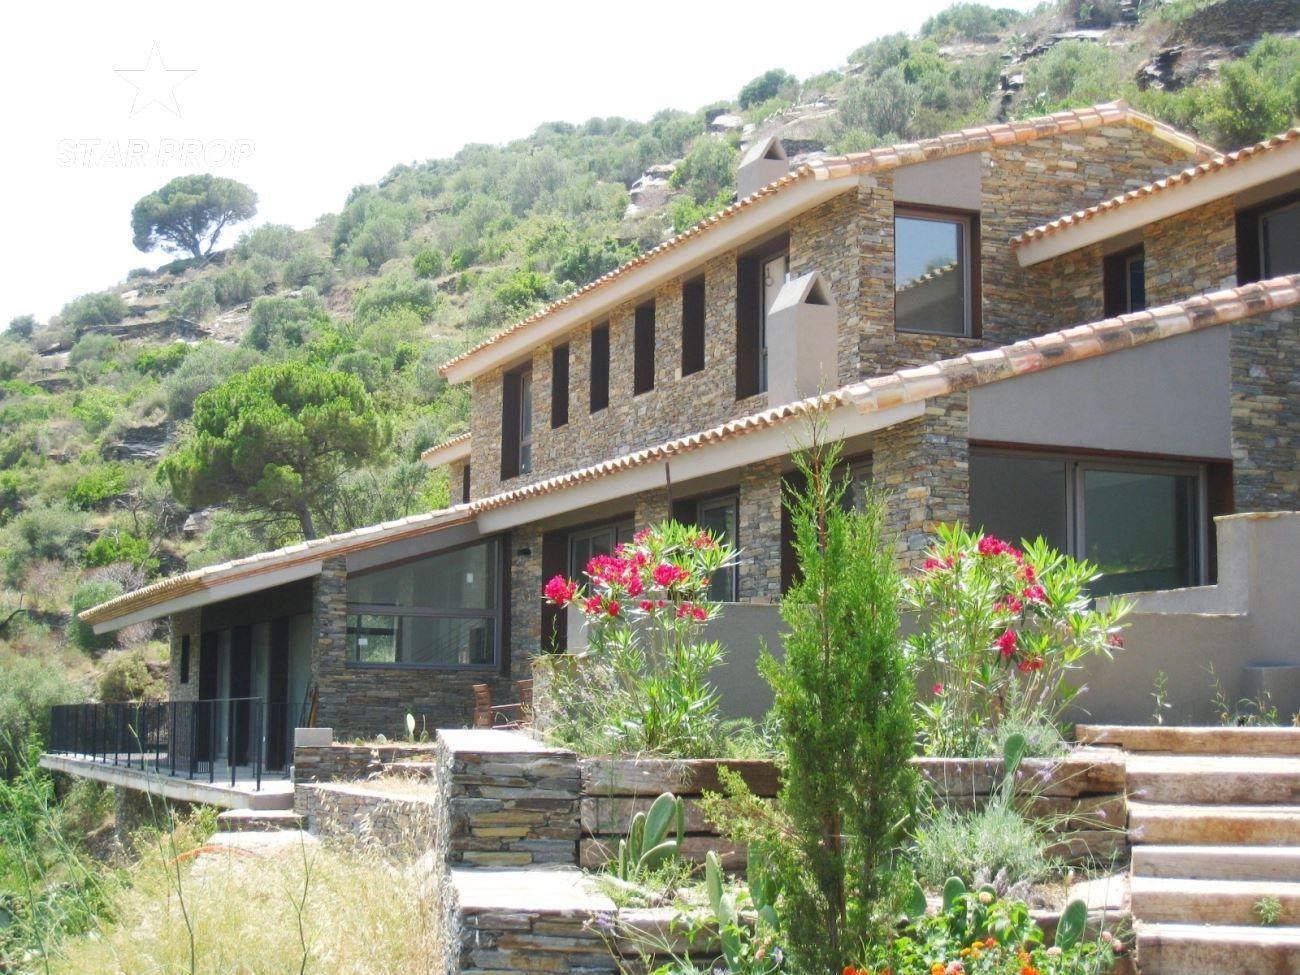 Haus in Cadaqués. Gran casa de nueva contrucción en cadaqués hermosa villa de nuev